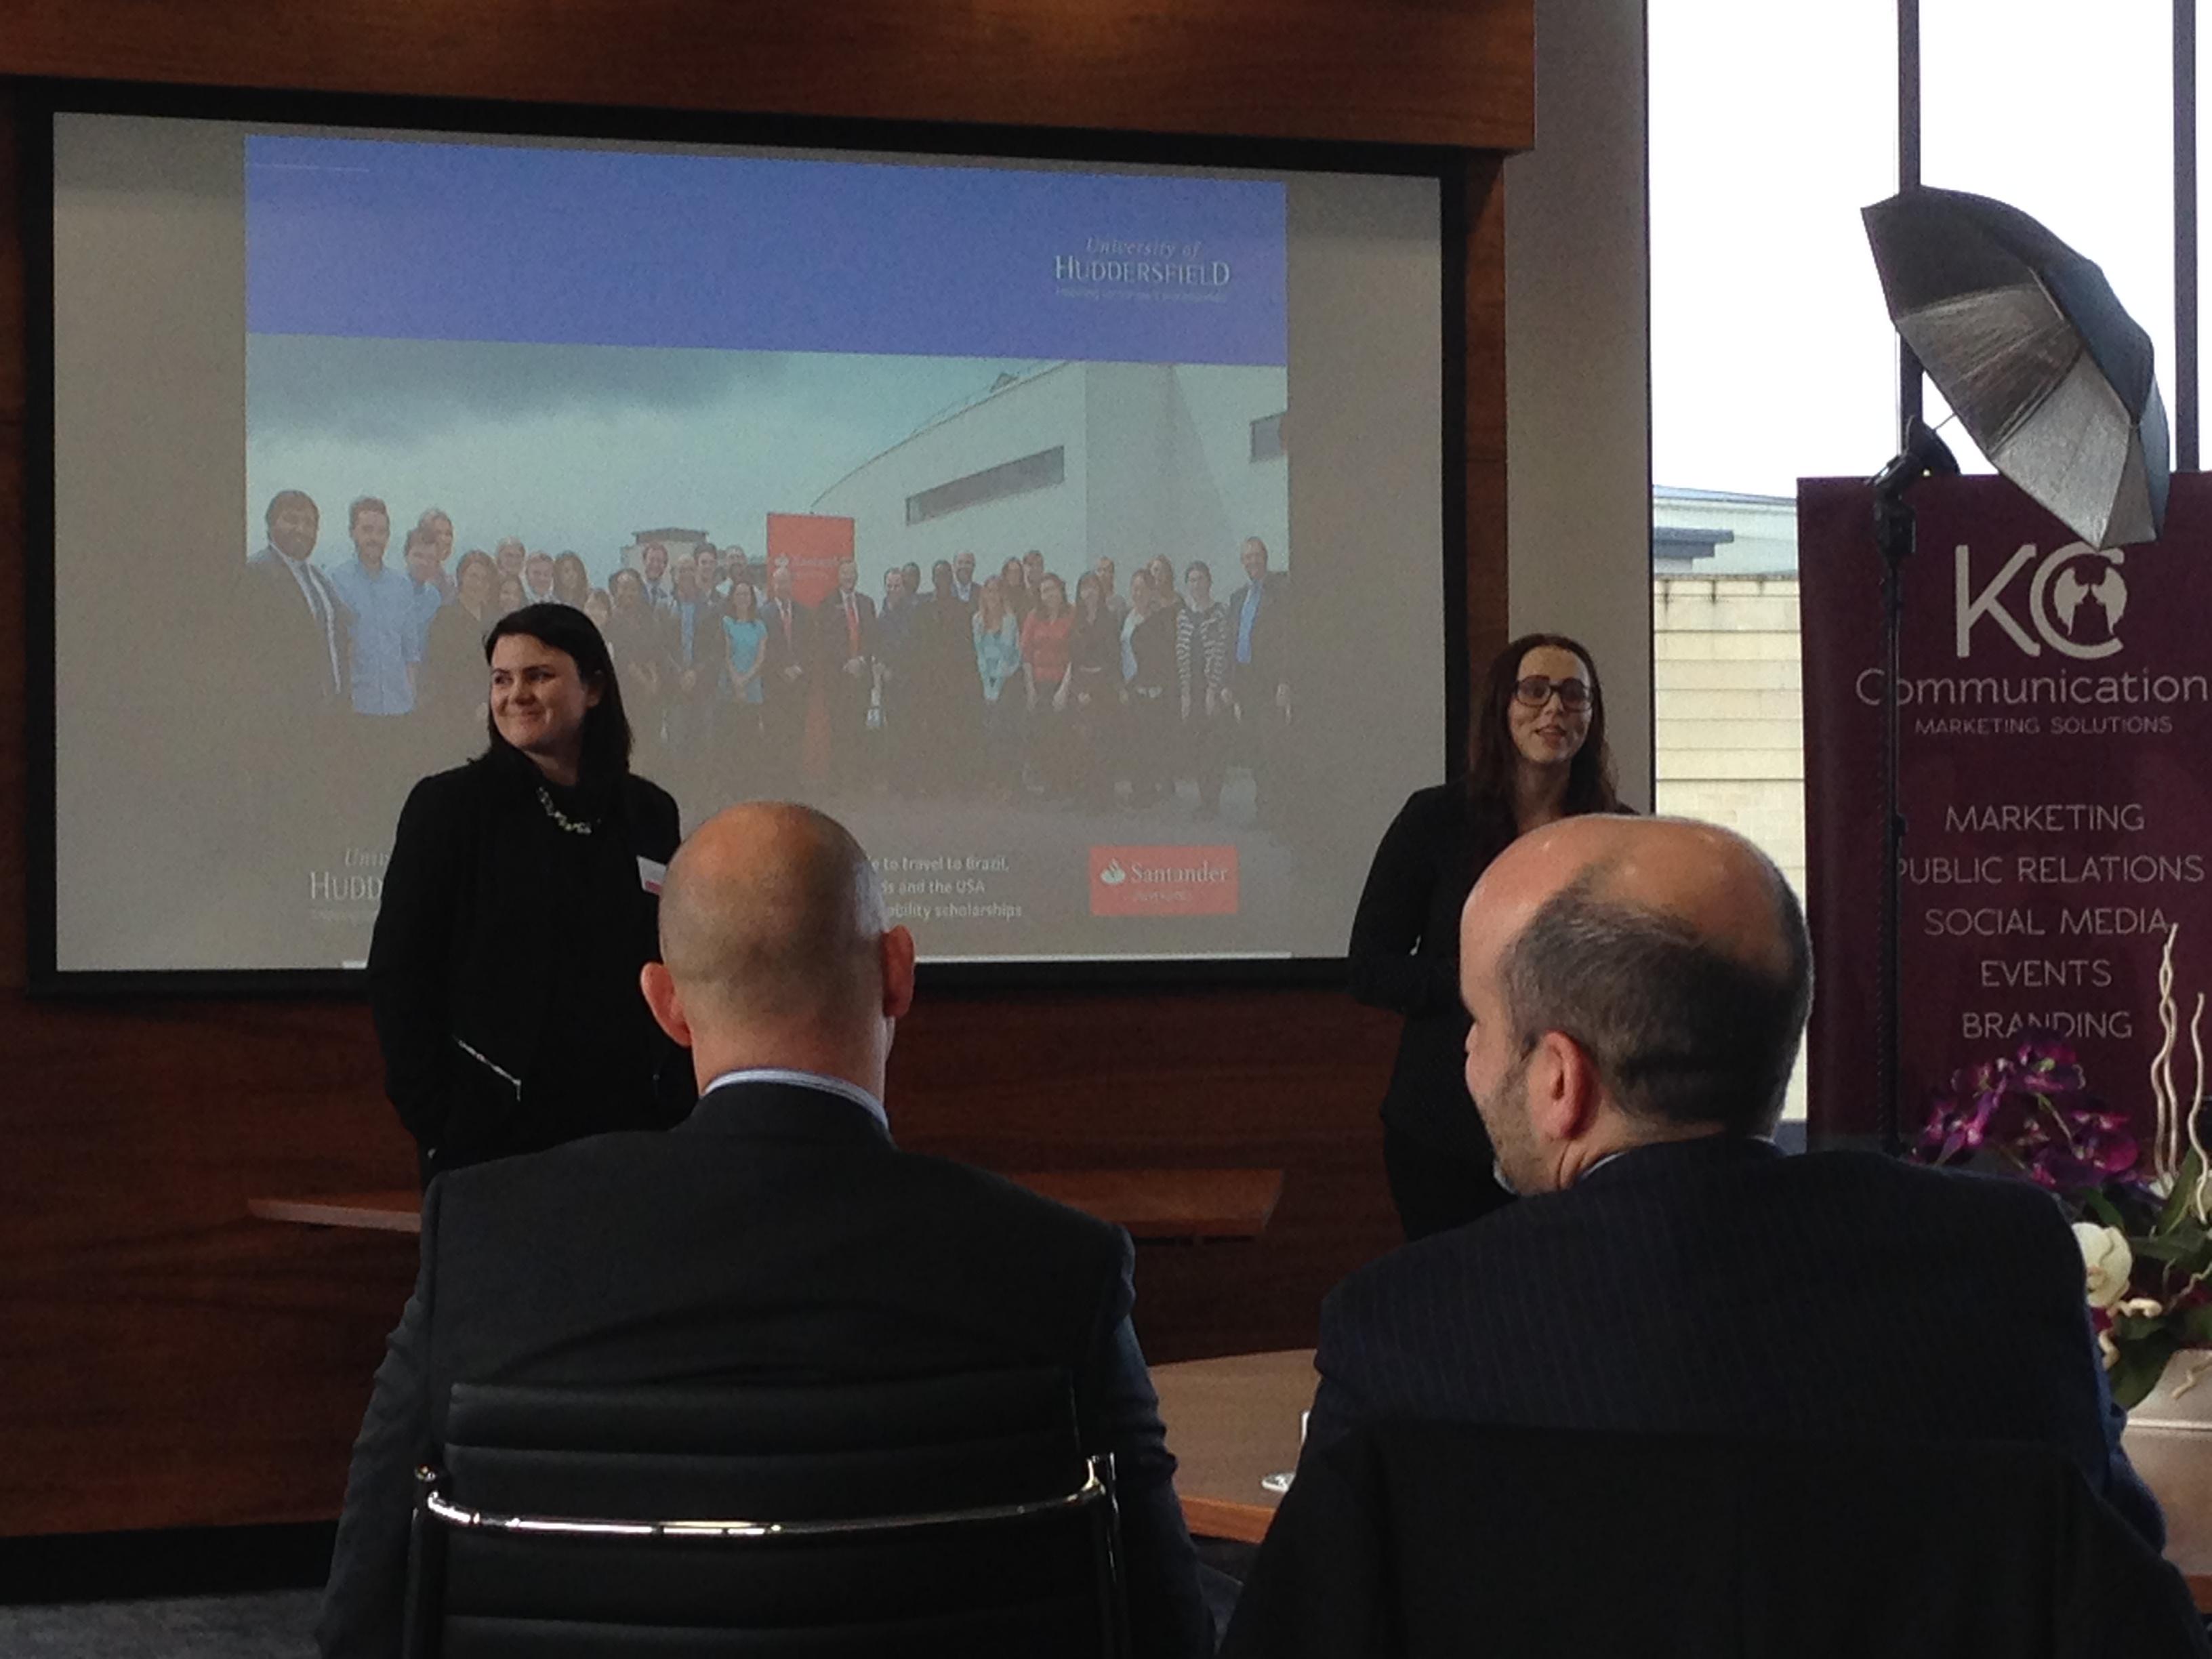 Santander Internship Programme - University of Huddersfield - Social Progress